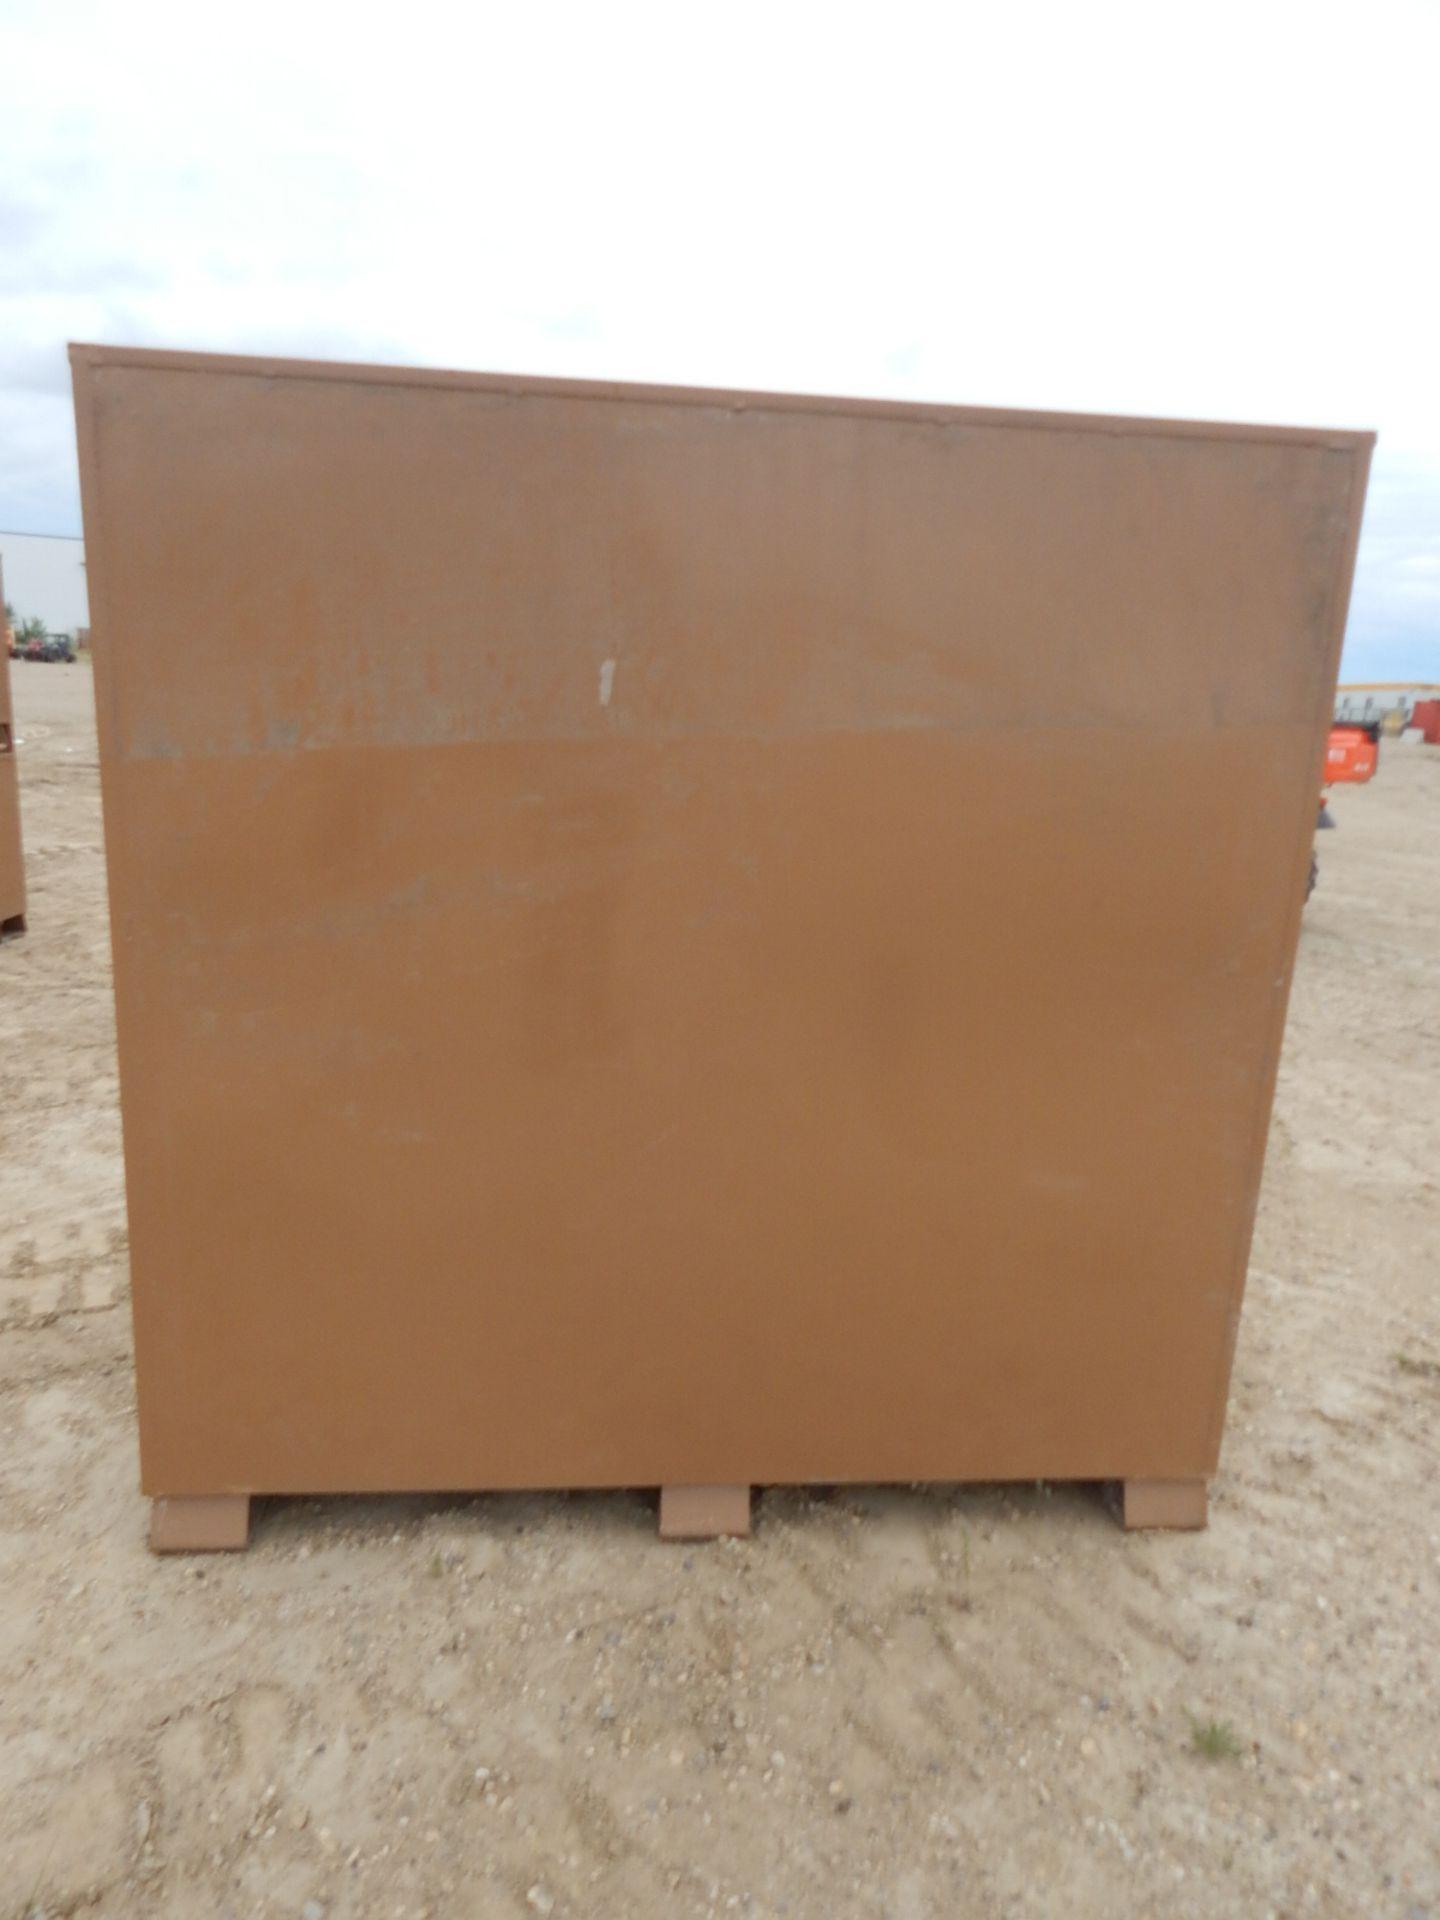 KNAACK 2-DOOR JOBMASTER CABINET, S/N: N/A - Image 3 of 3